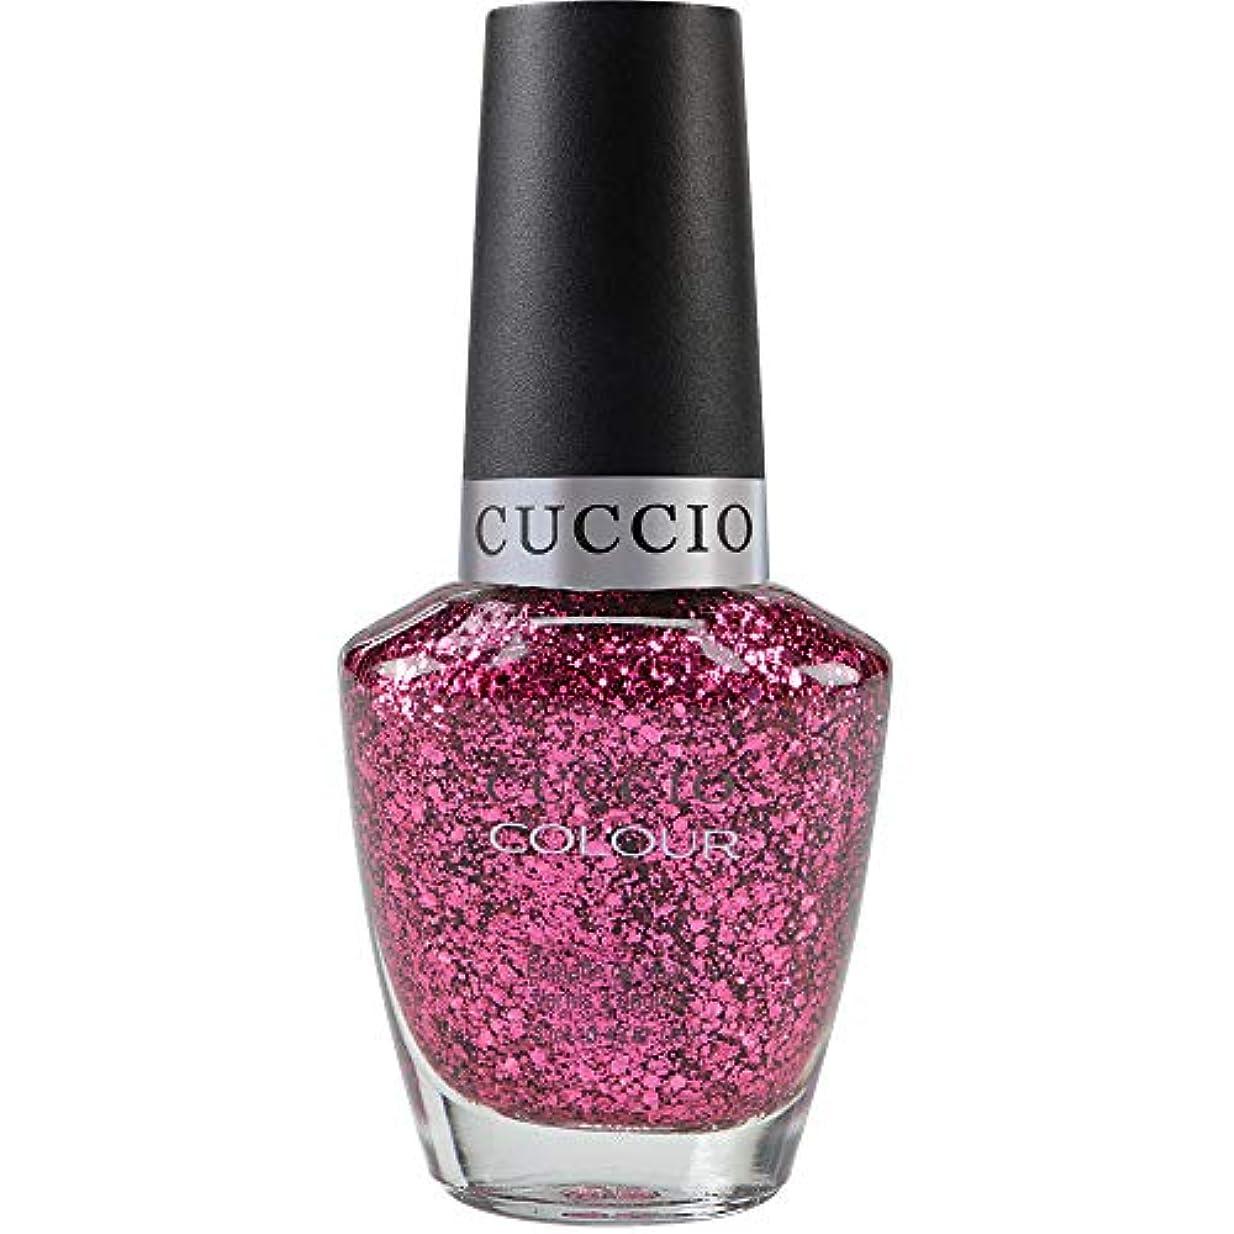 Cuccio Colour Gloss Lacquer - Love Potion NO. 9 - 0.43oz / 13ml